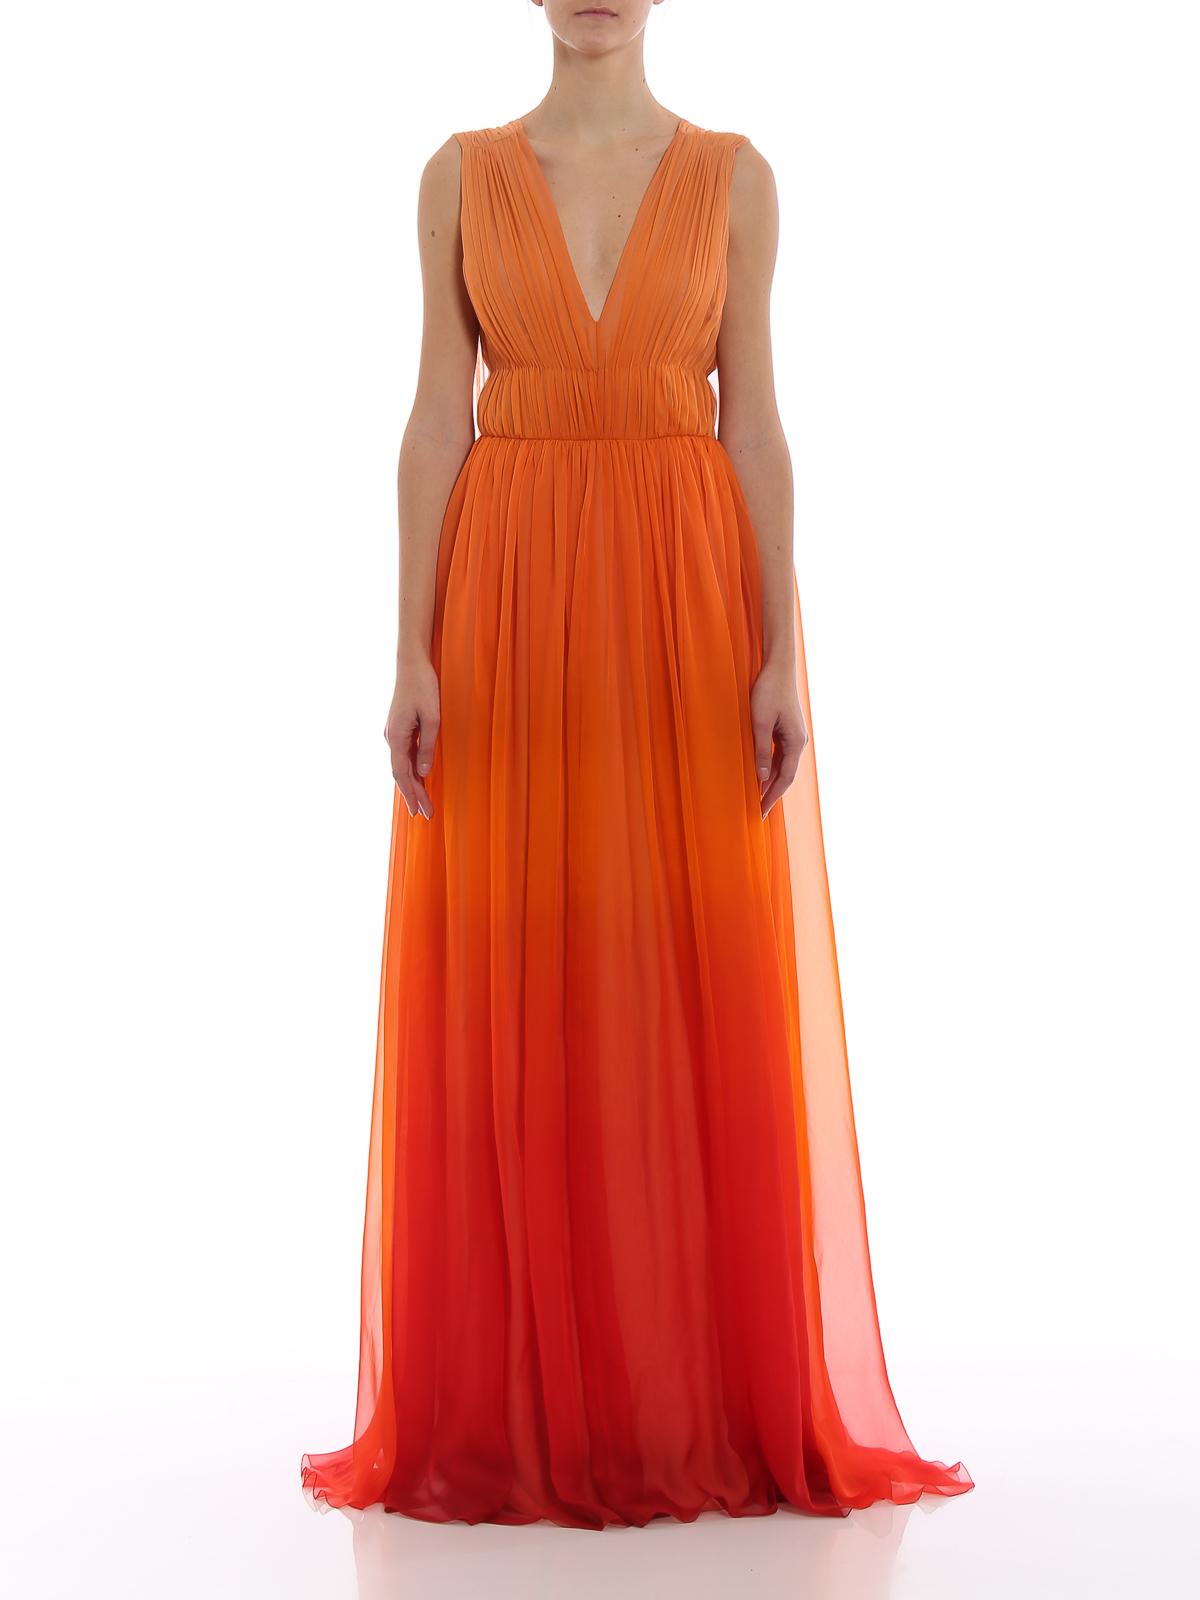 online retailer b591e da668 Alberta Ferretti - Abito arancione sfumato in seta - abiti ...